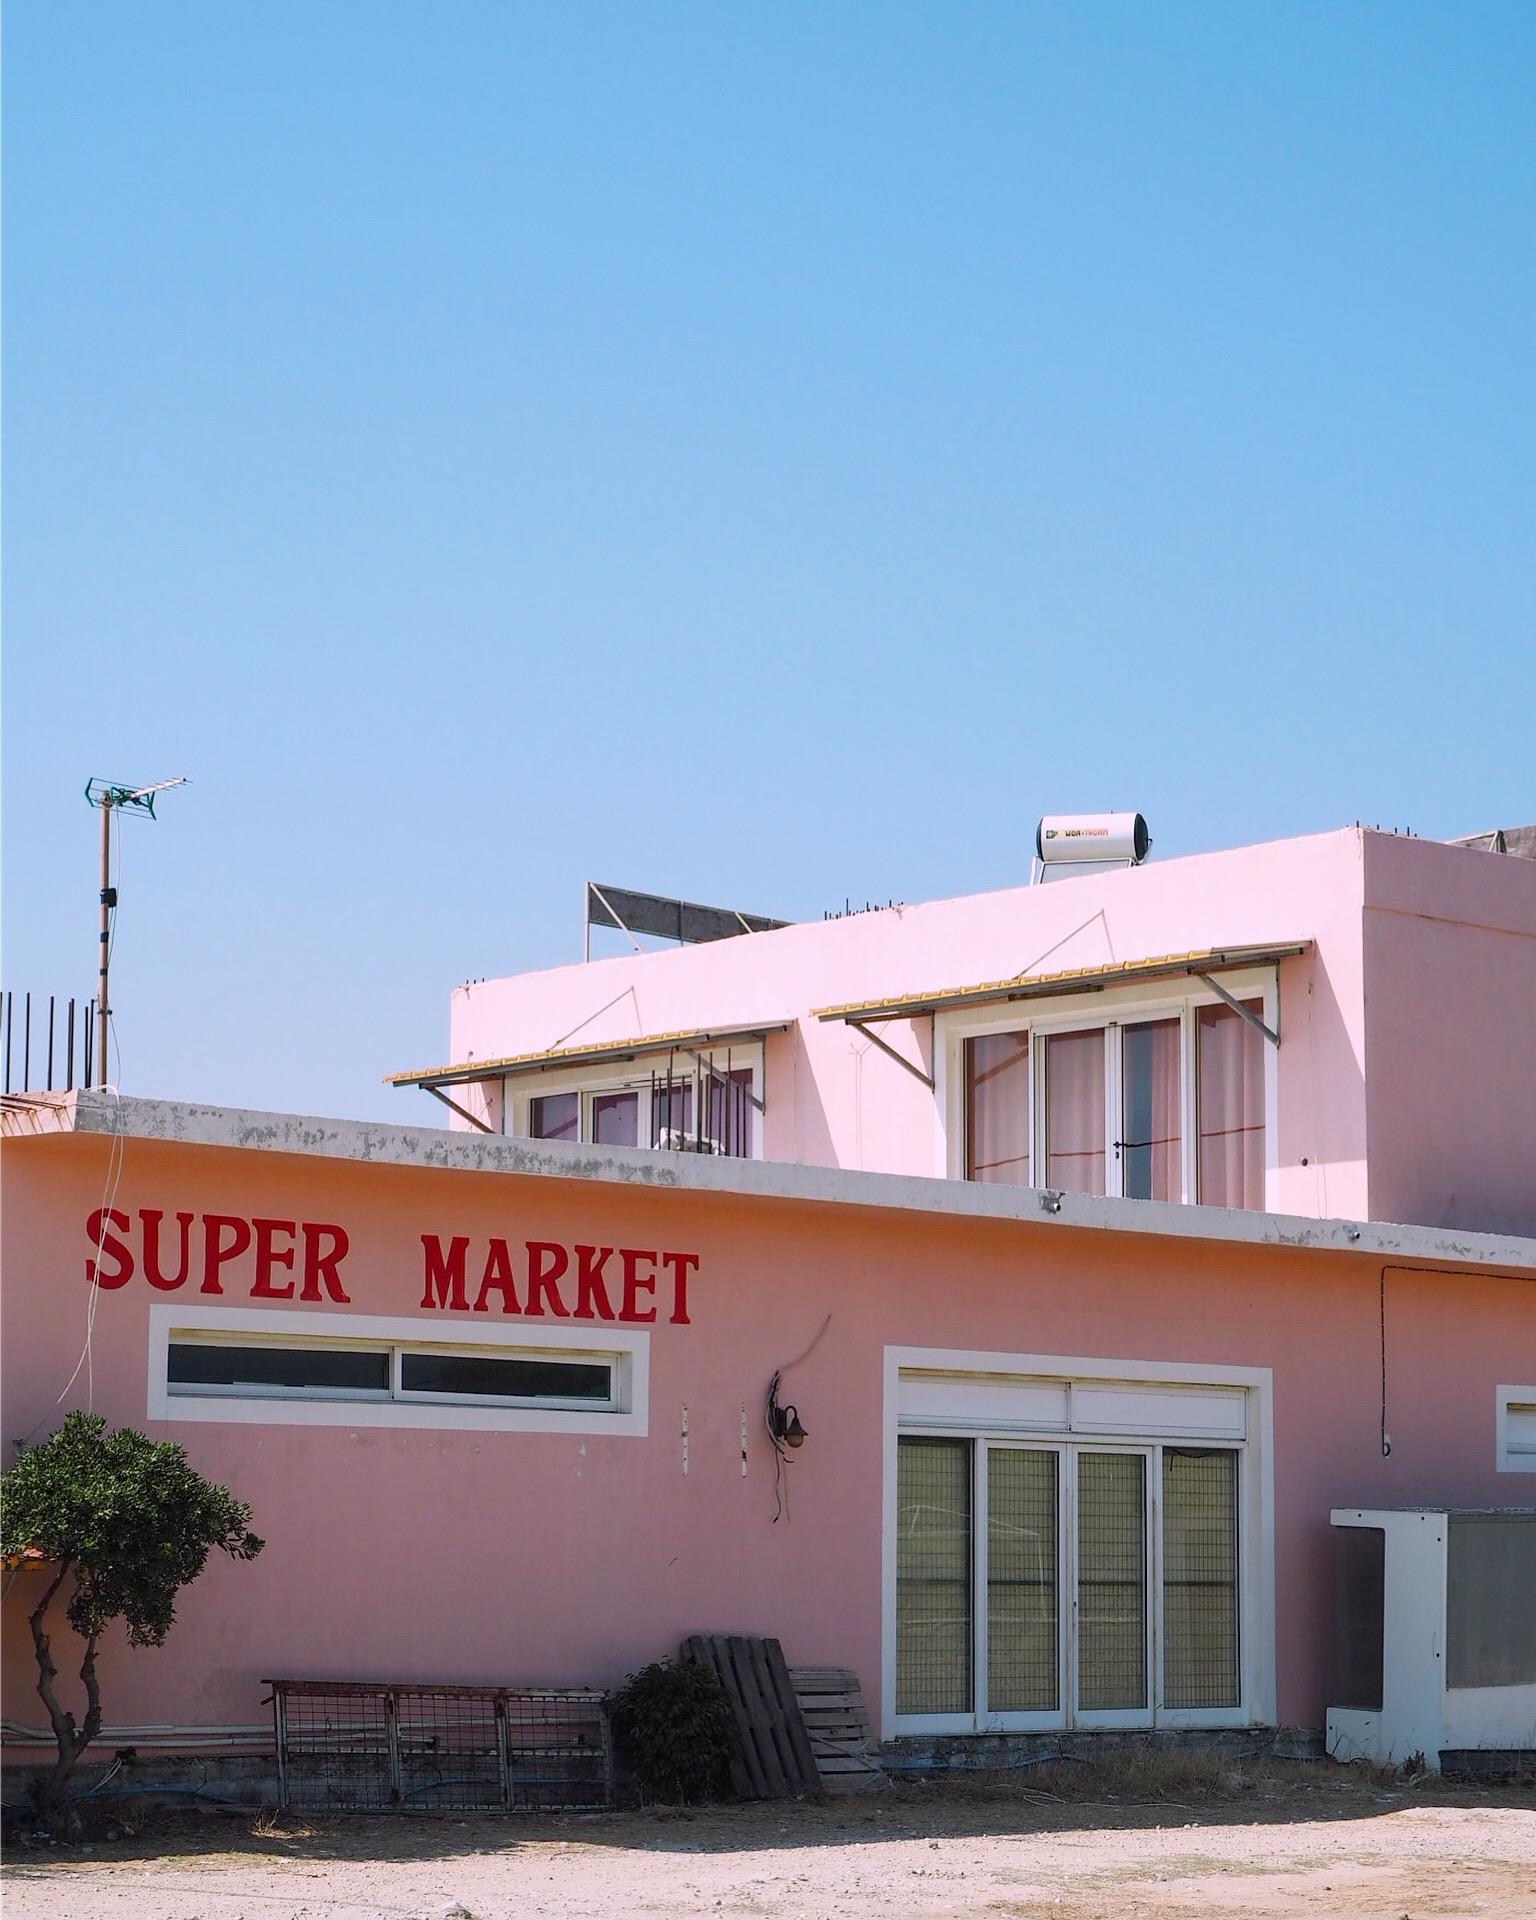 pink supermarket against blue sky